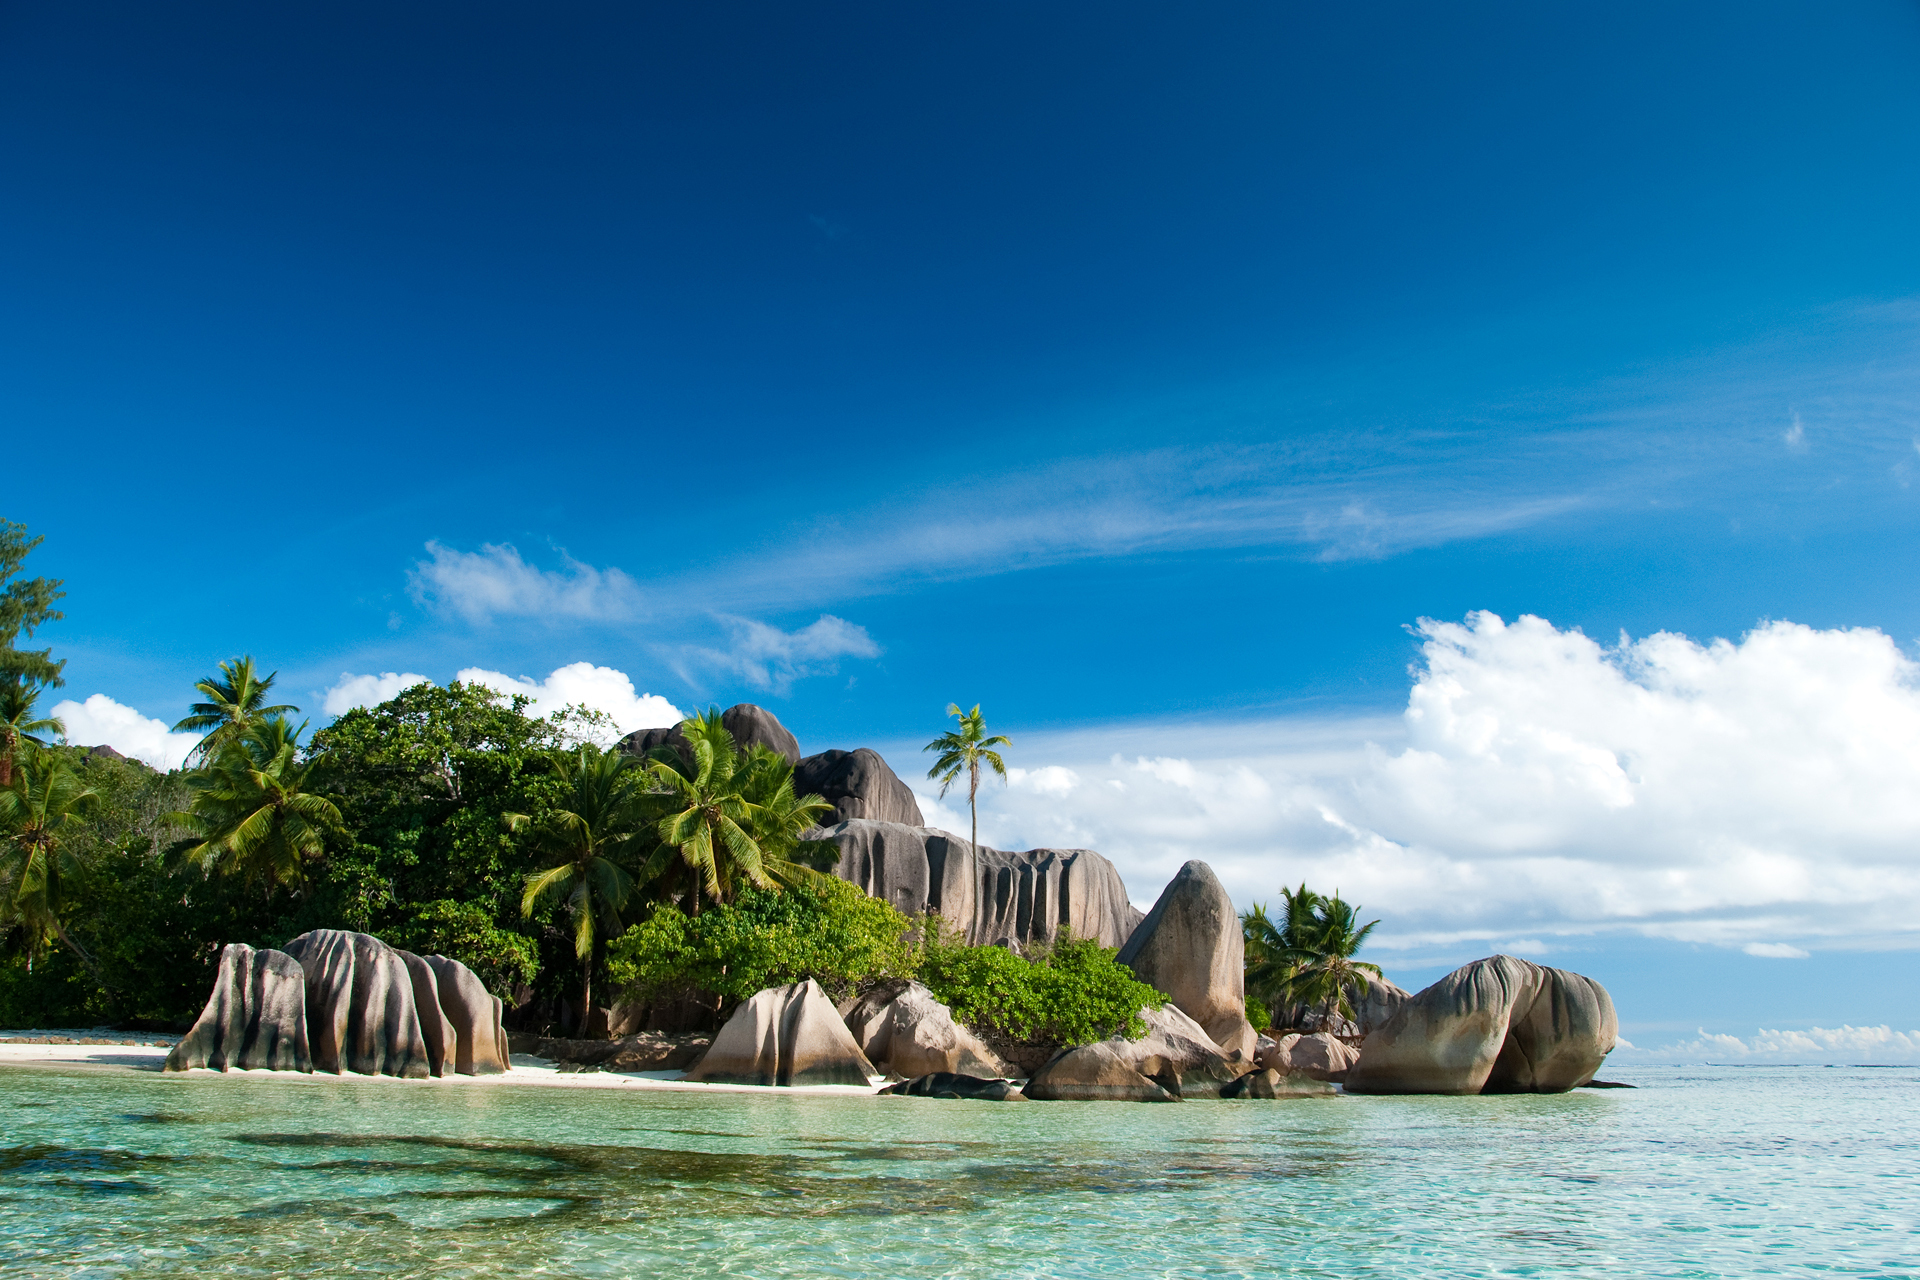 информация компании, фото сейшельских островов на рабочий стол фильмы